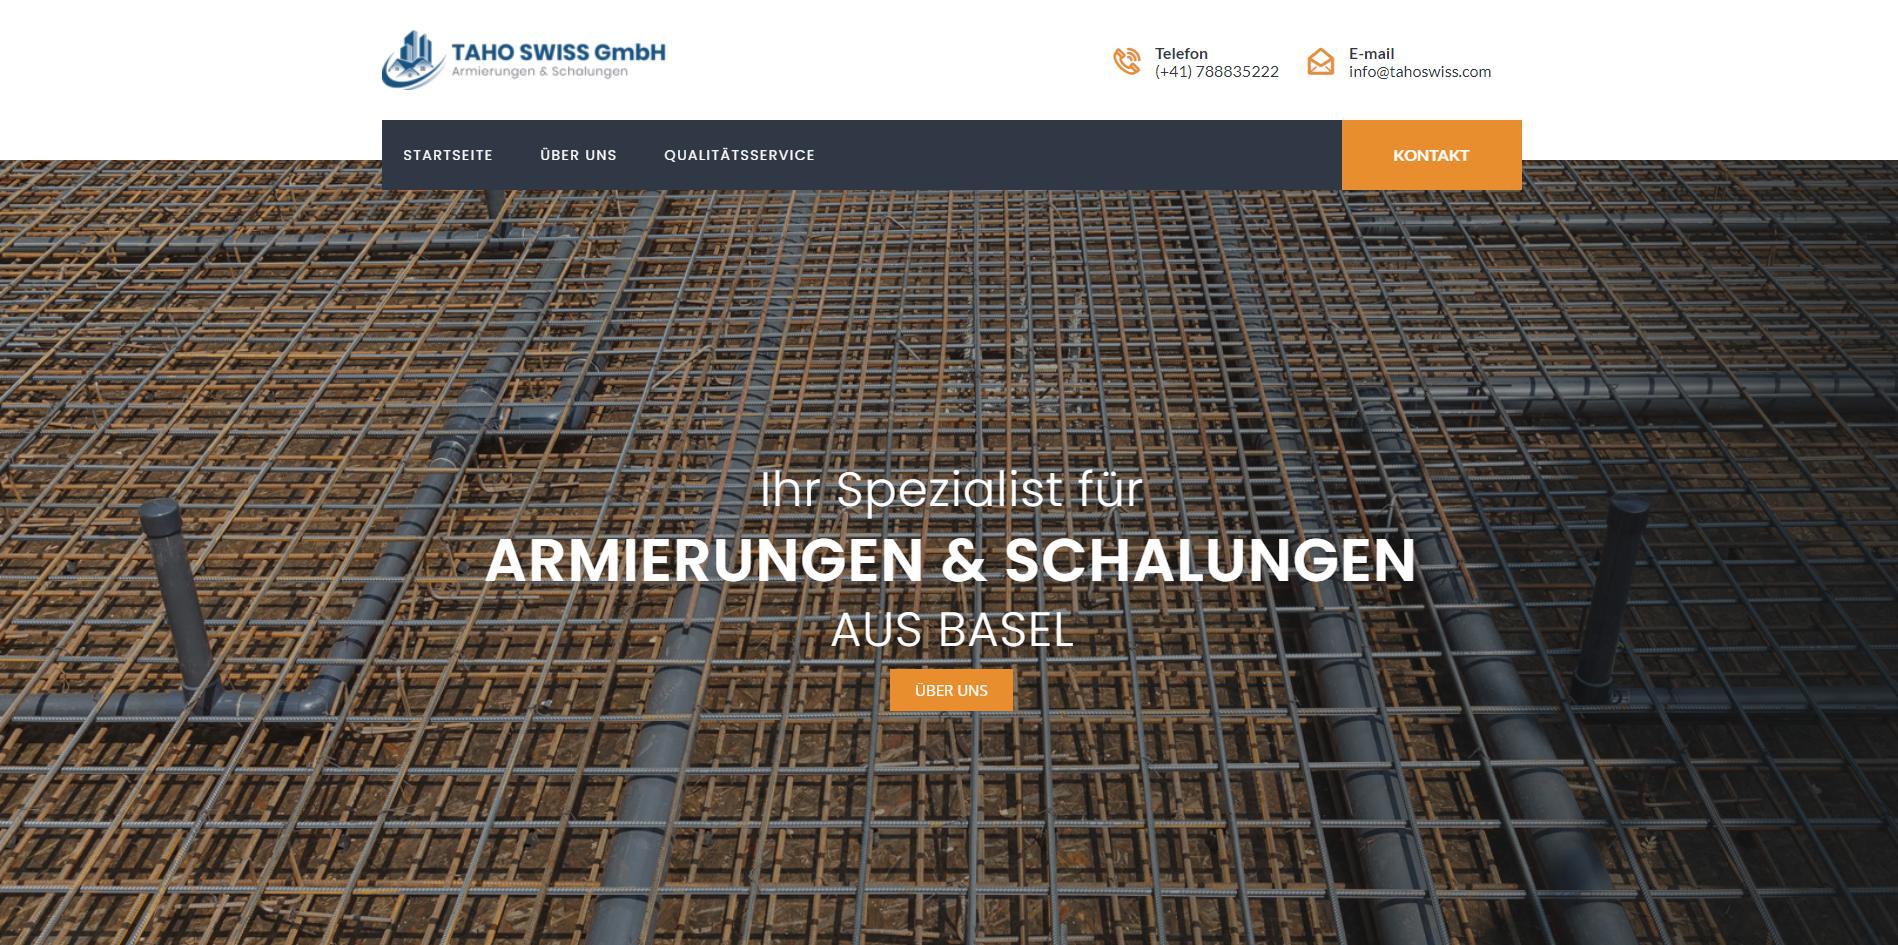 Taho Swiss GmbH